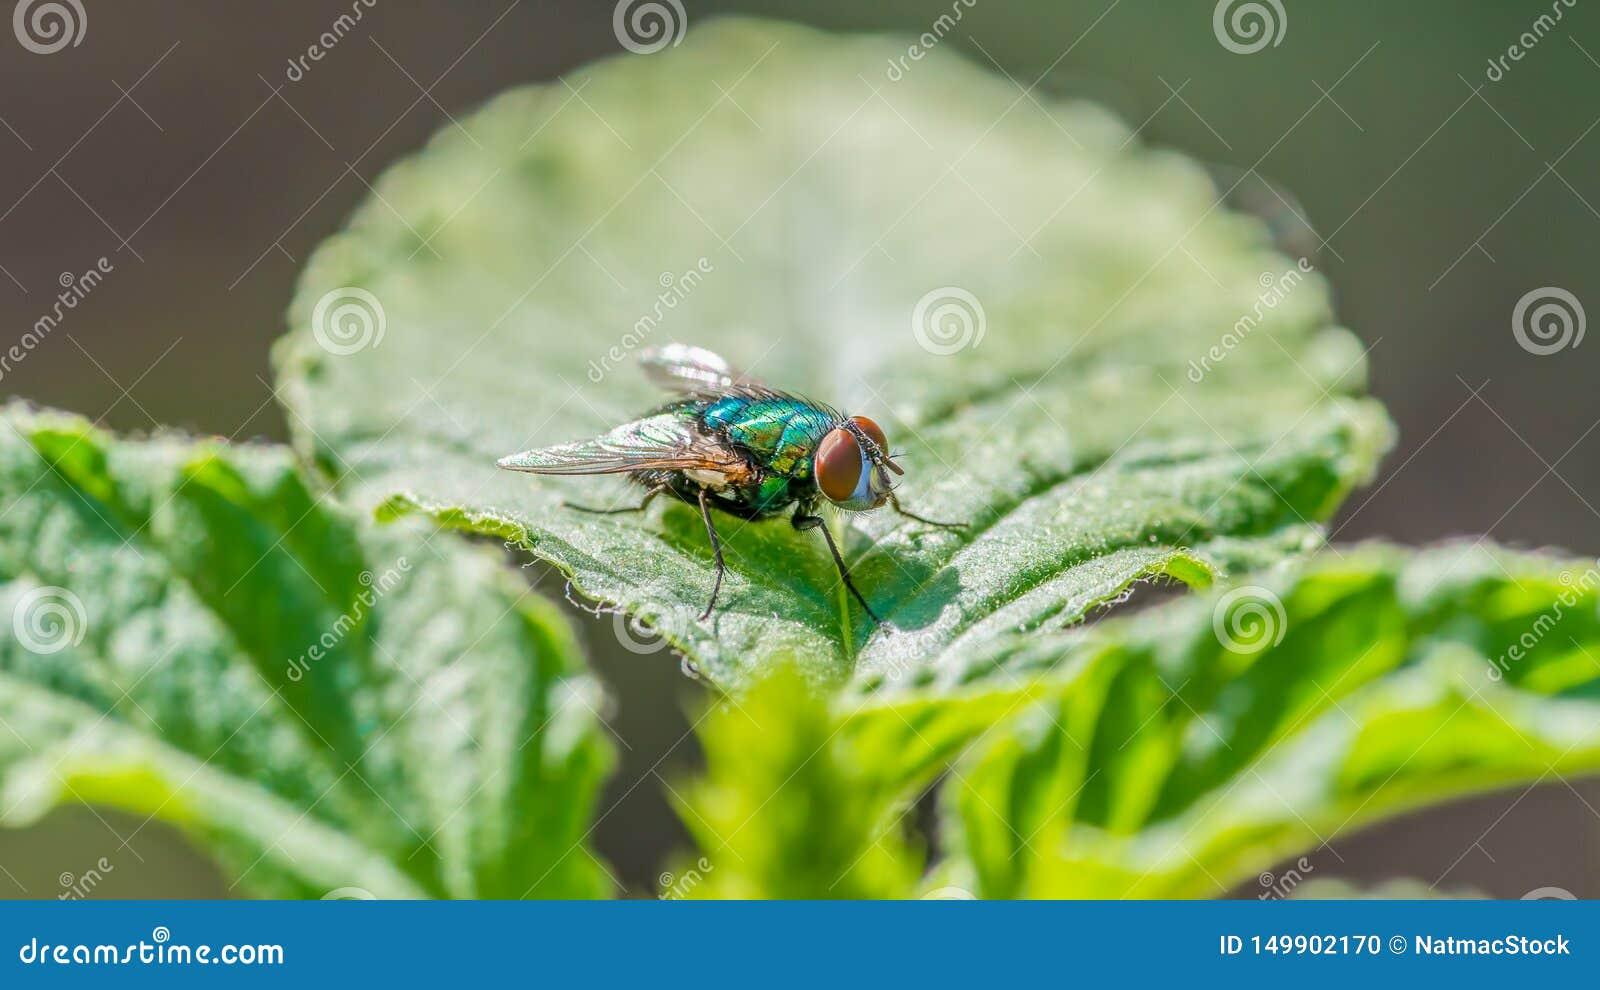 Flyga på ett blad - stor detalj av framsidan, bröstkorgen och vingar